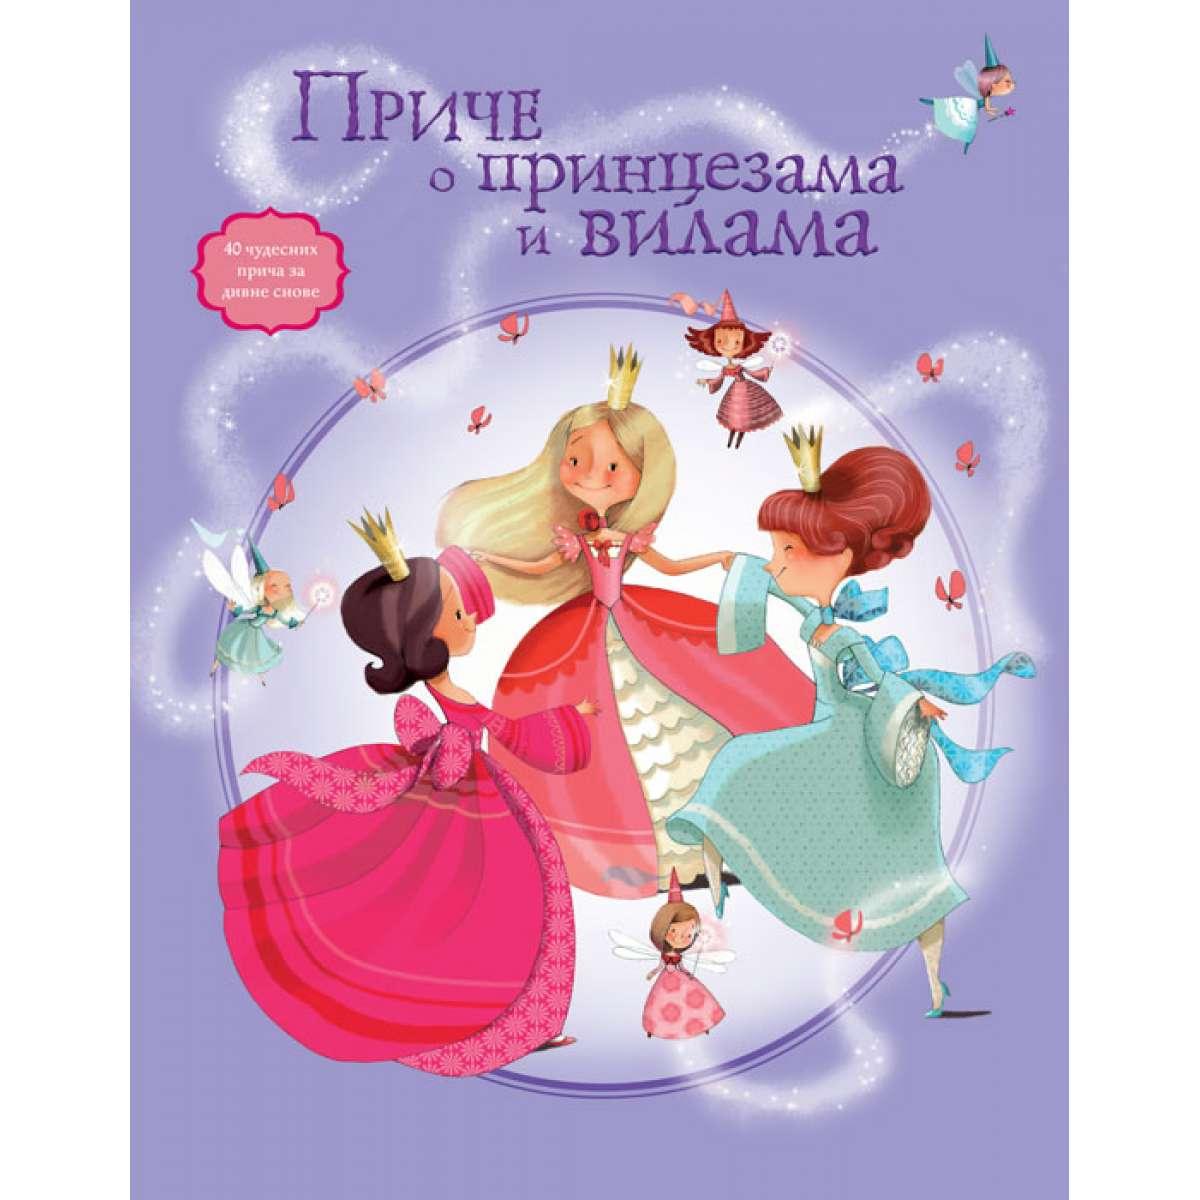 Priče o princezama i vilama